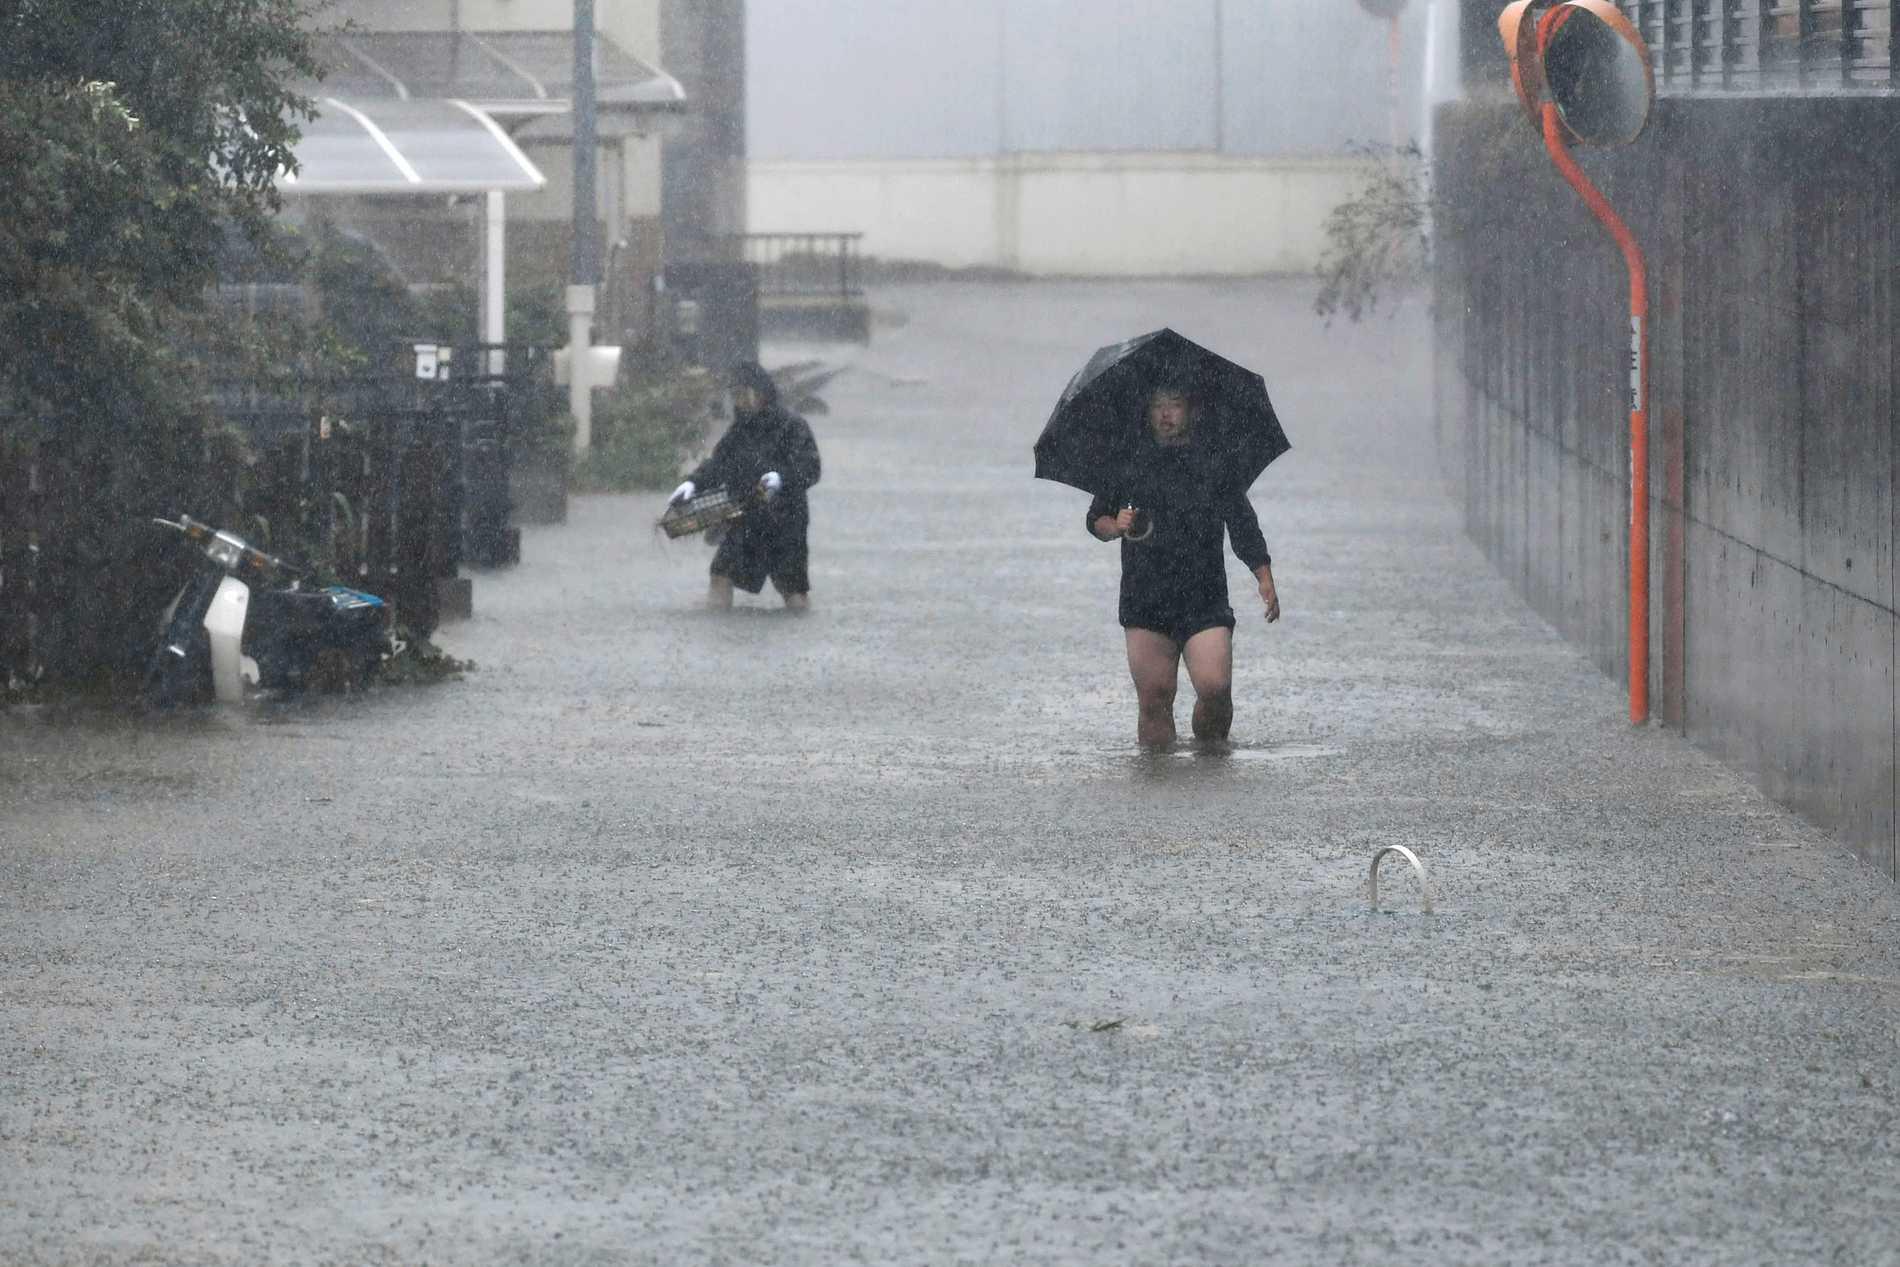 En översvämmad gata i centrala Japan under lördagen.